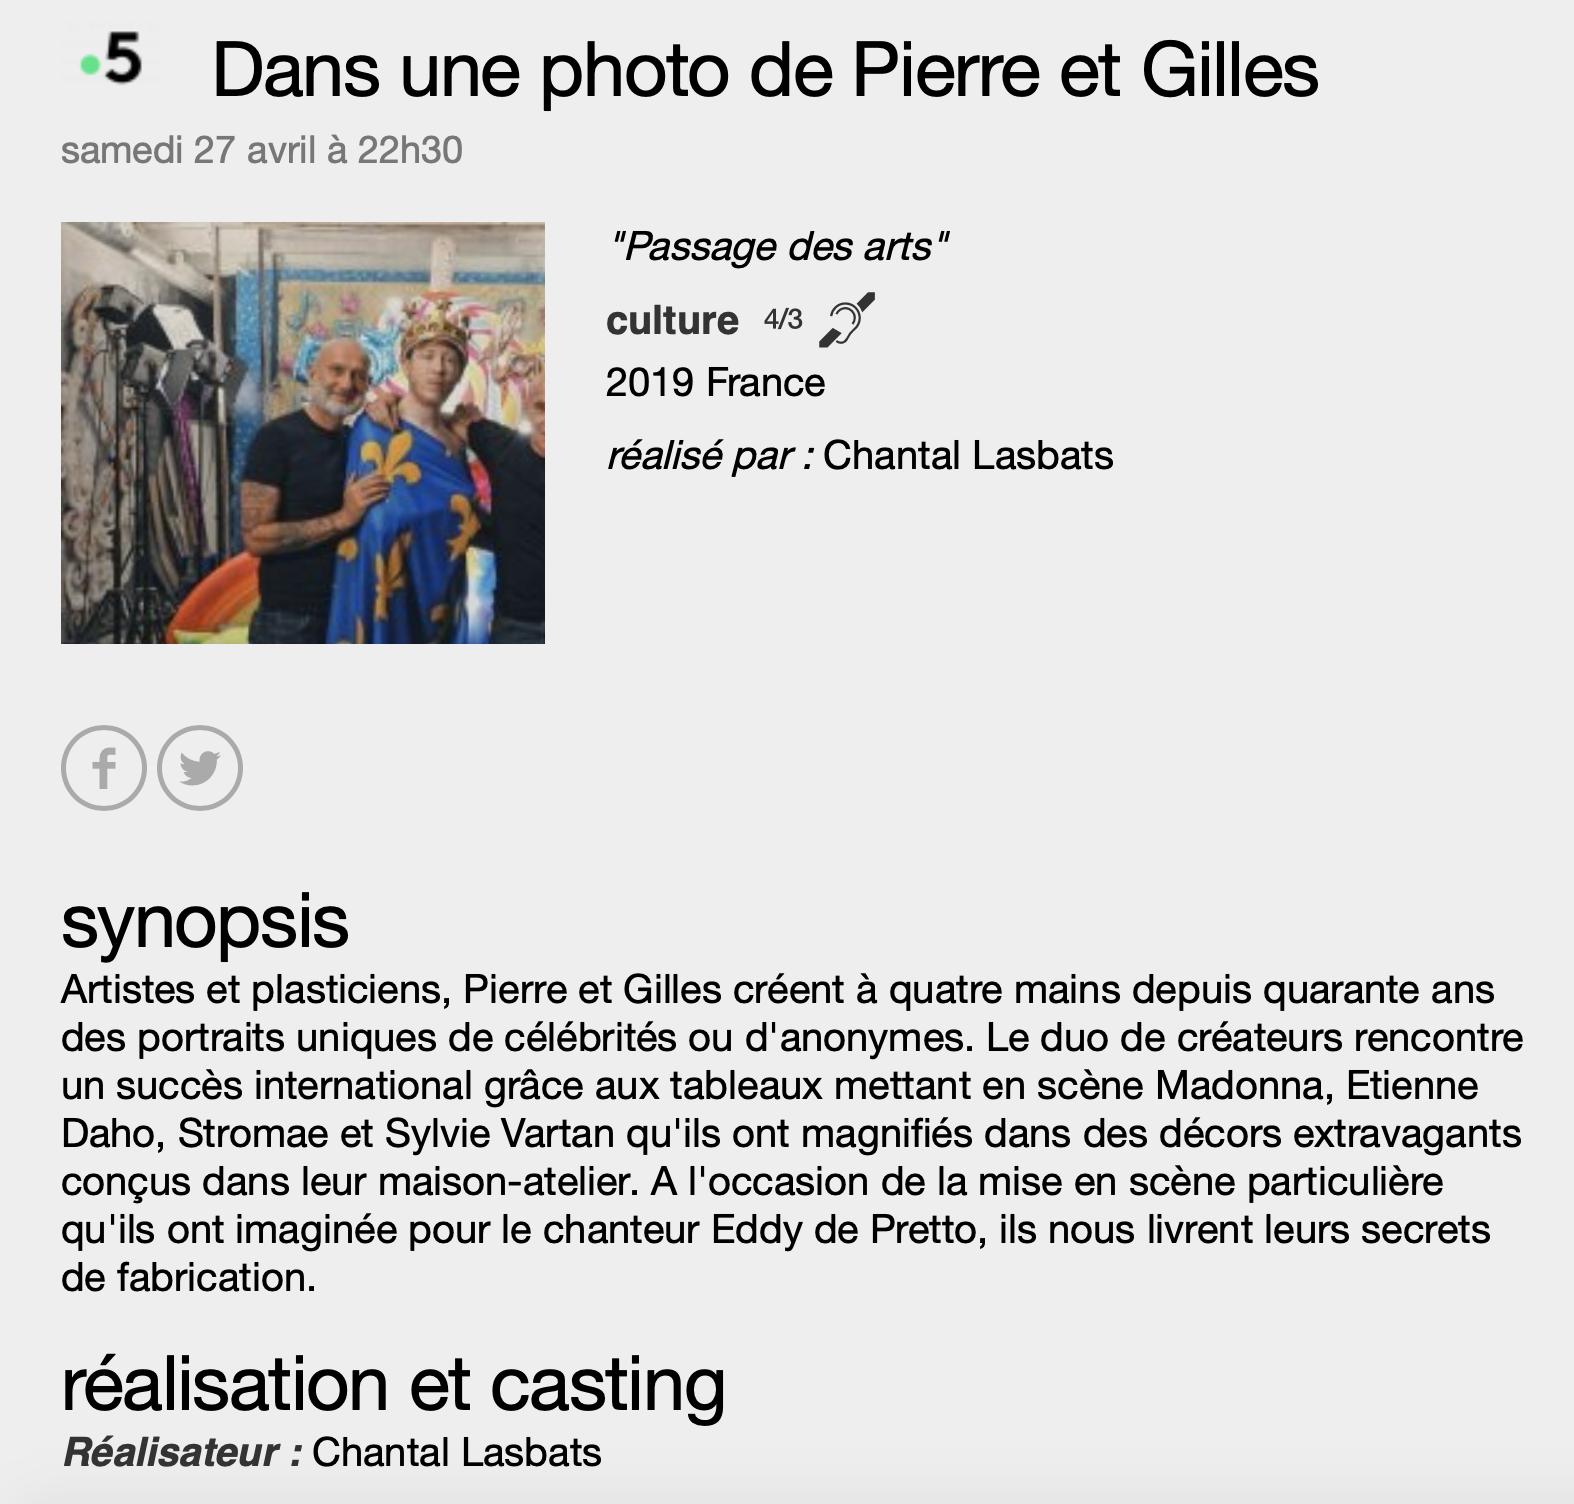 Chantal Labats et Pierre et Gilles